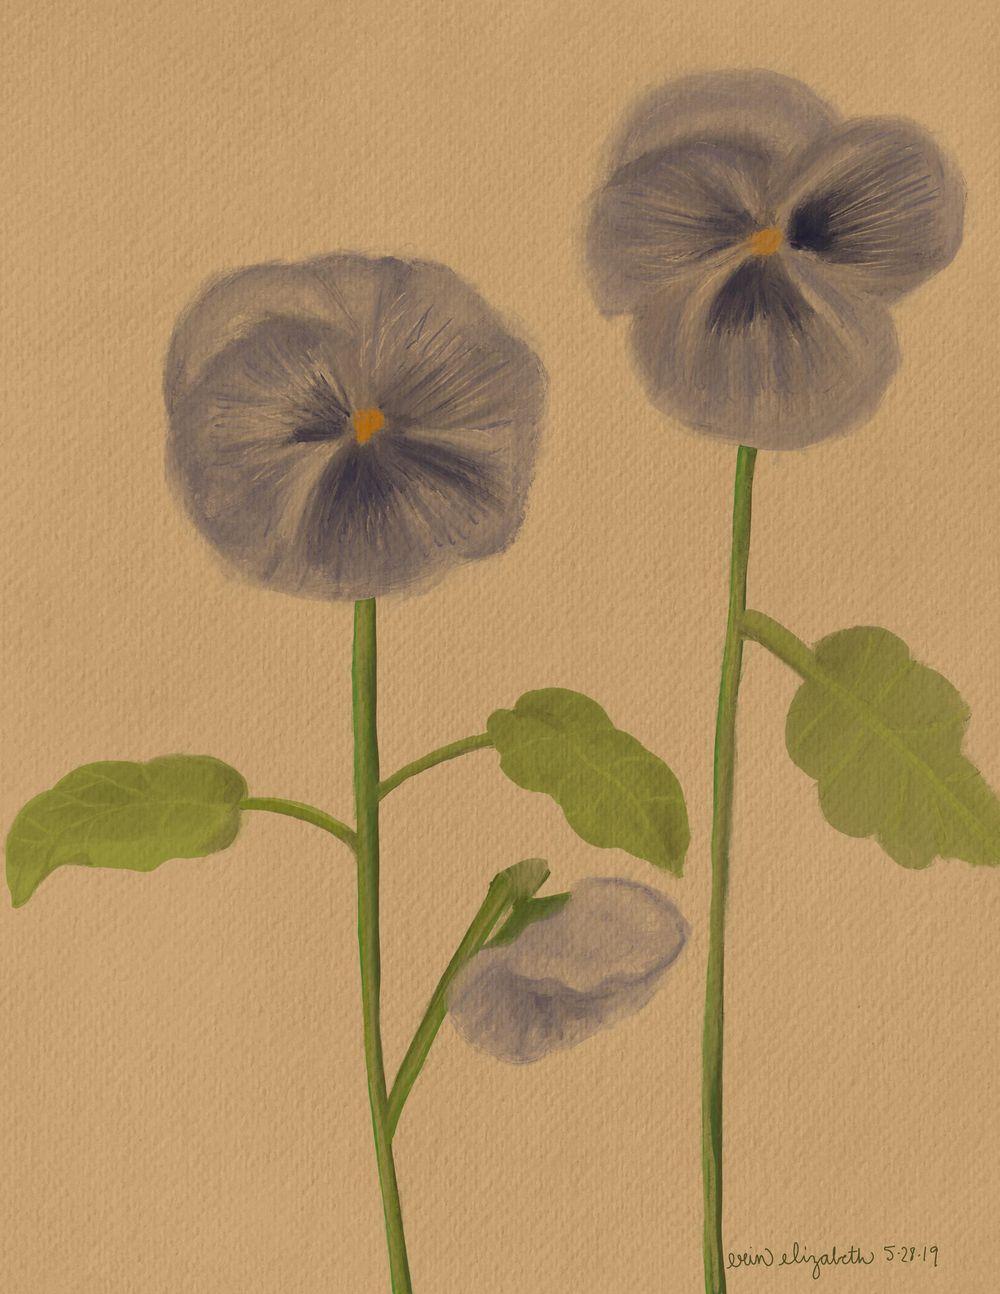 Vintage-Inspired Botanical Illustration - image 1 - student project